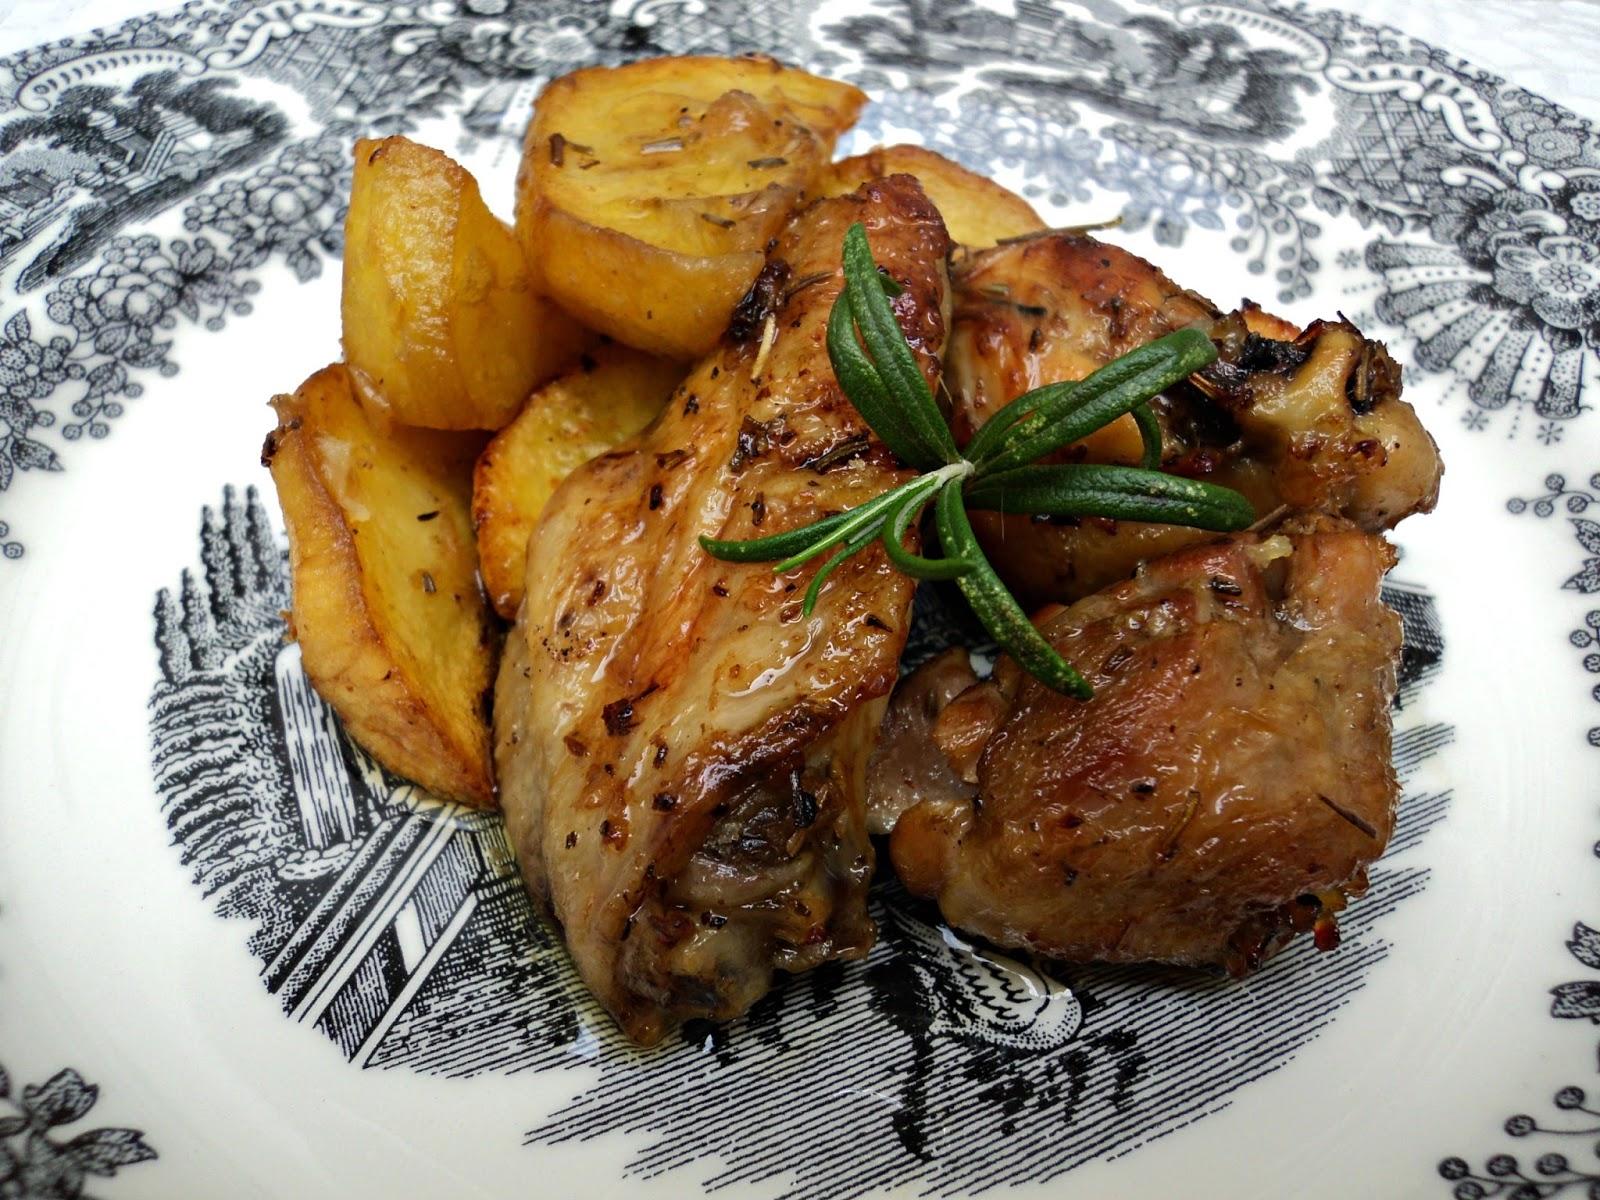 Cocinar Pollo Al Ajillo | Pollo Al Ajillo Olor A Hierbabuena